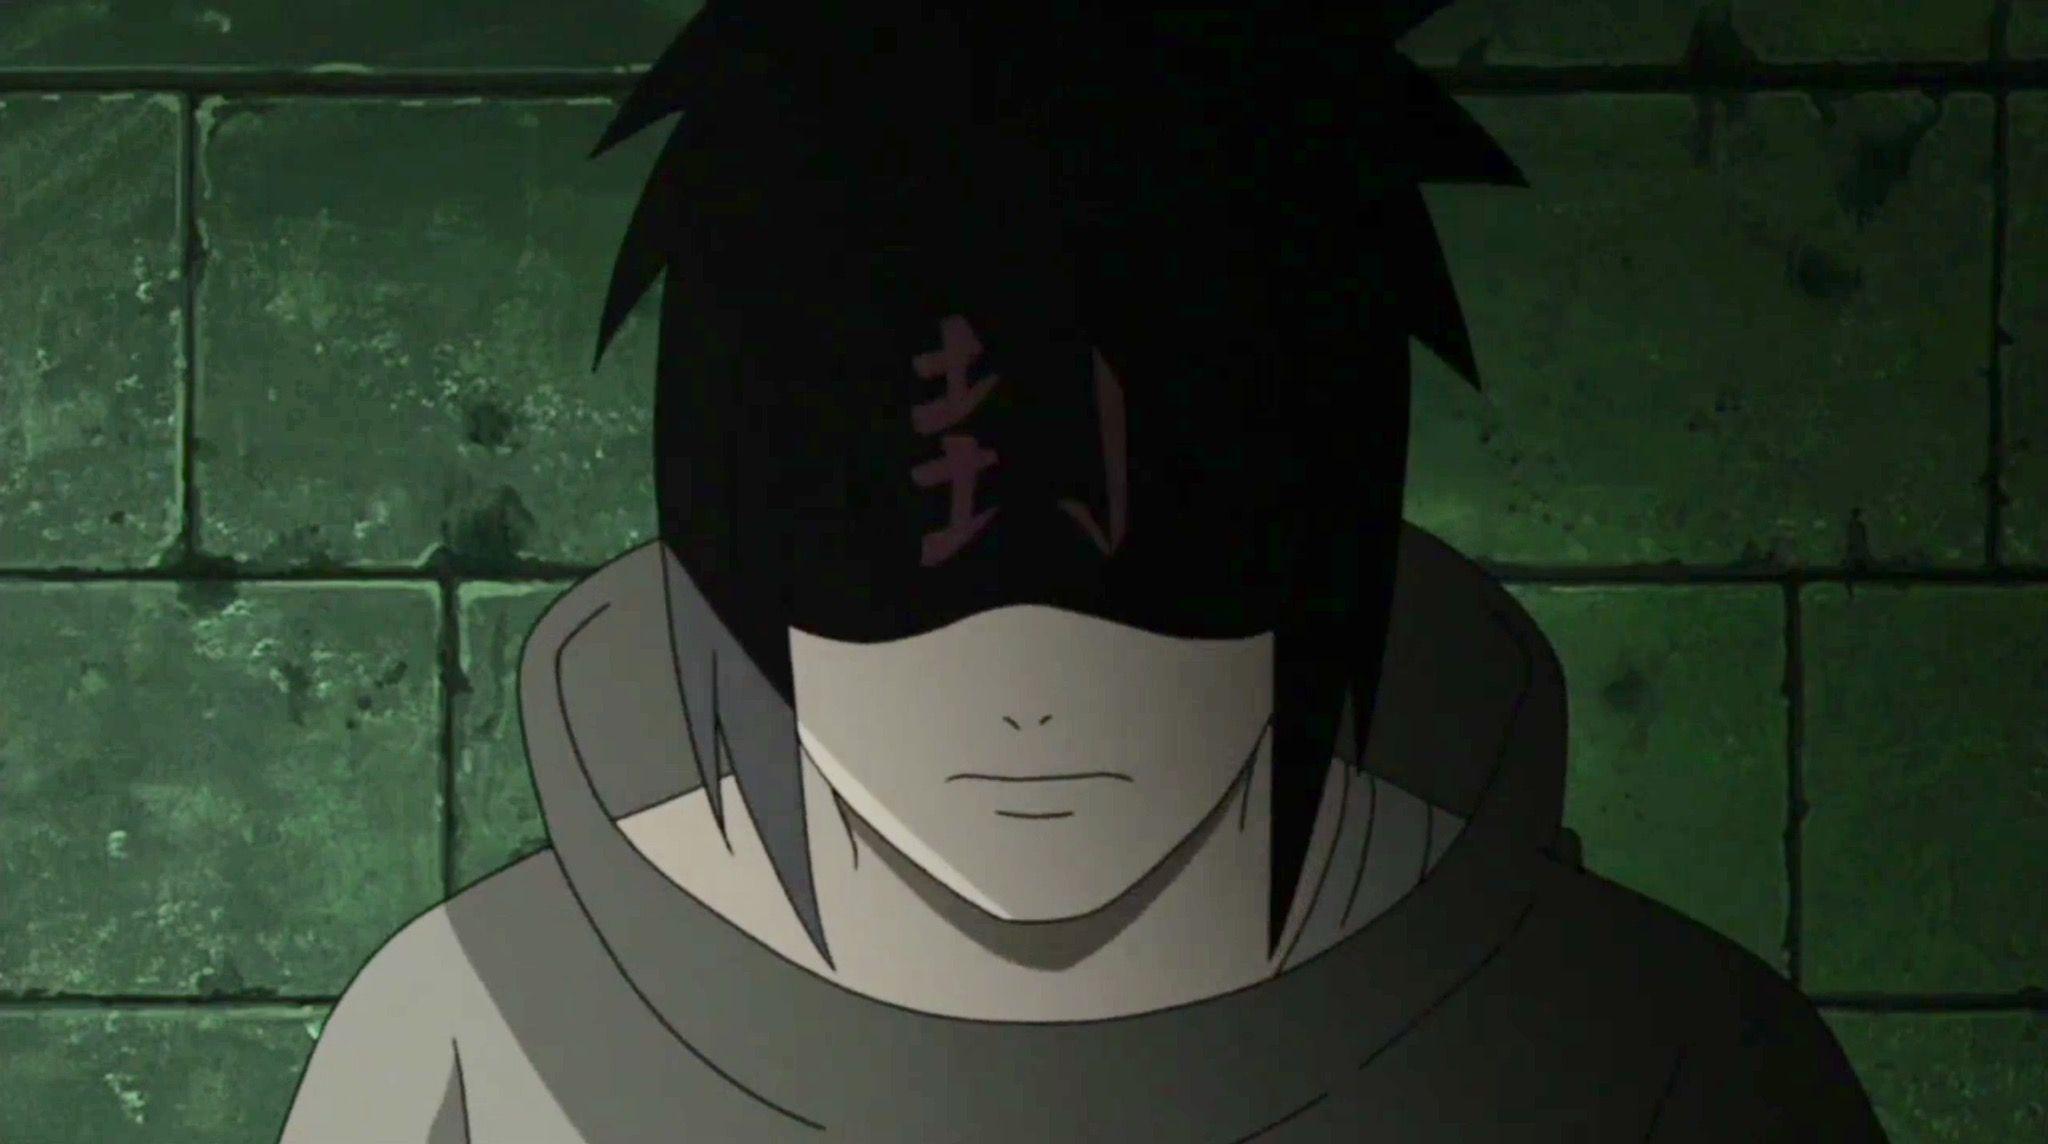 Sasuke with sealed eyes